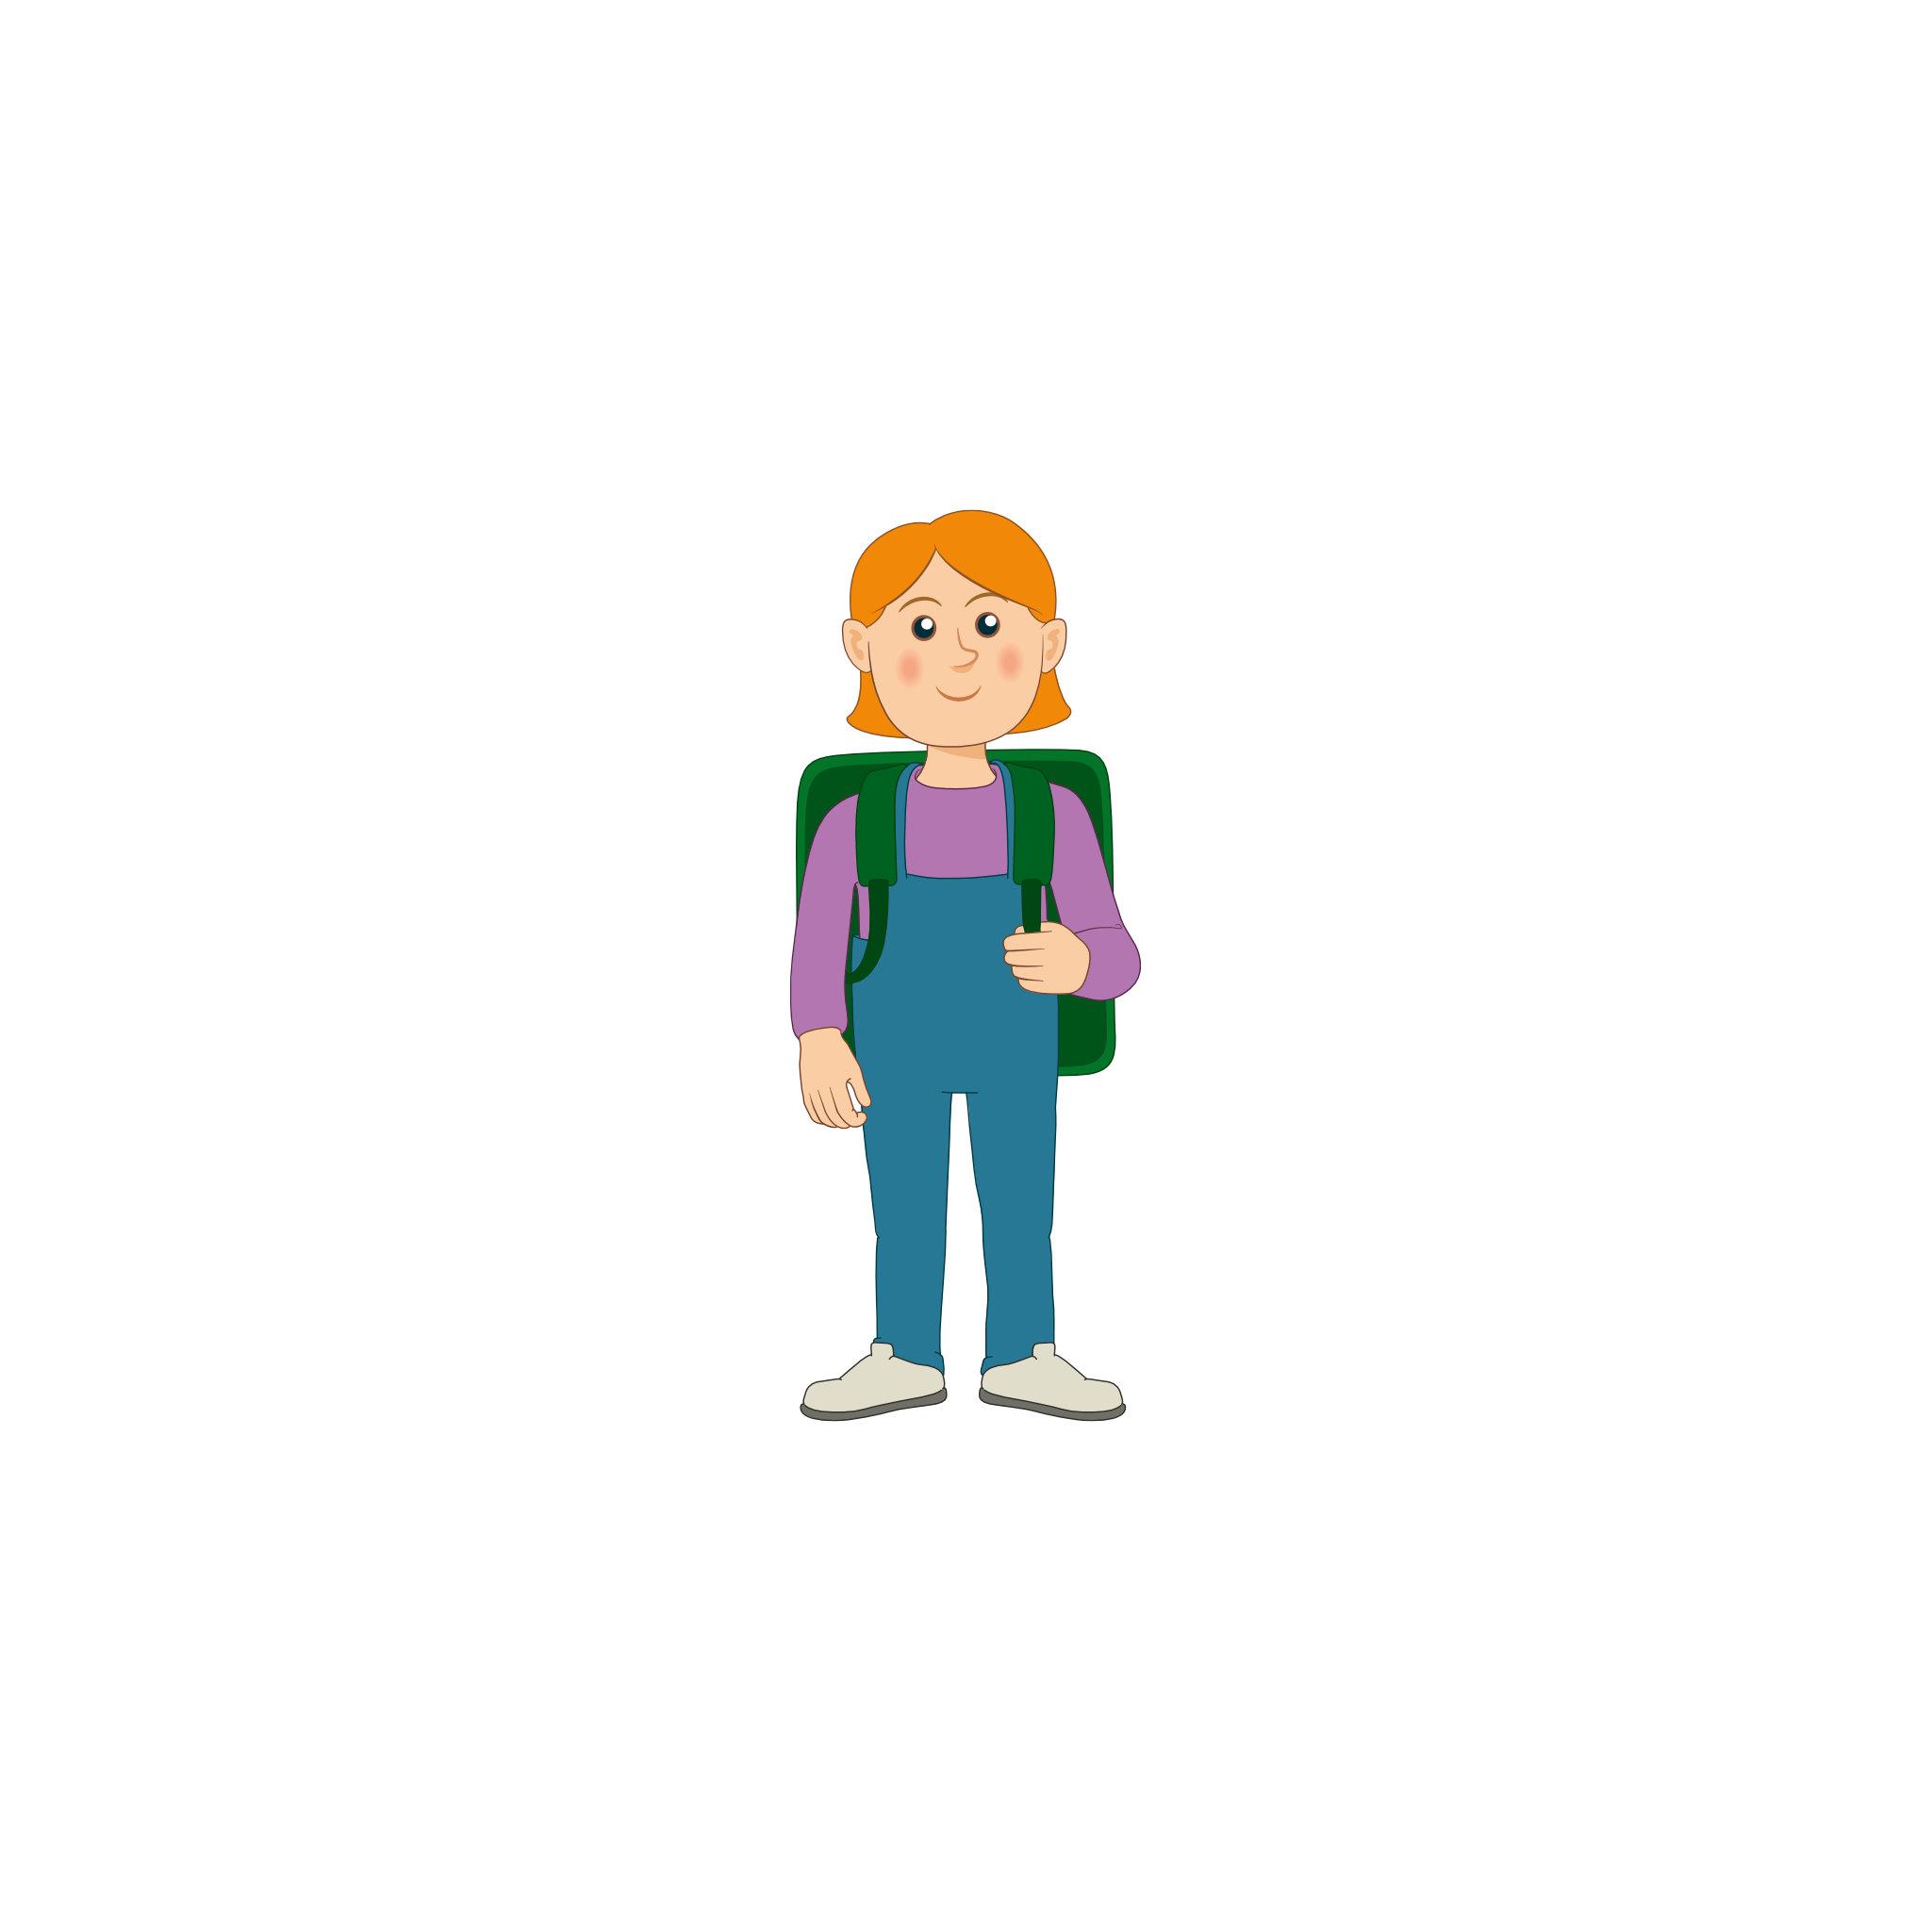 Linkki-matkustajia: koululainen